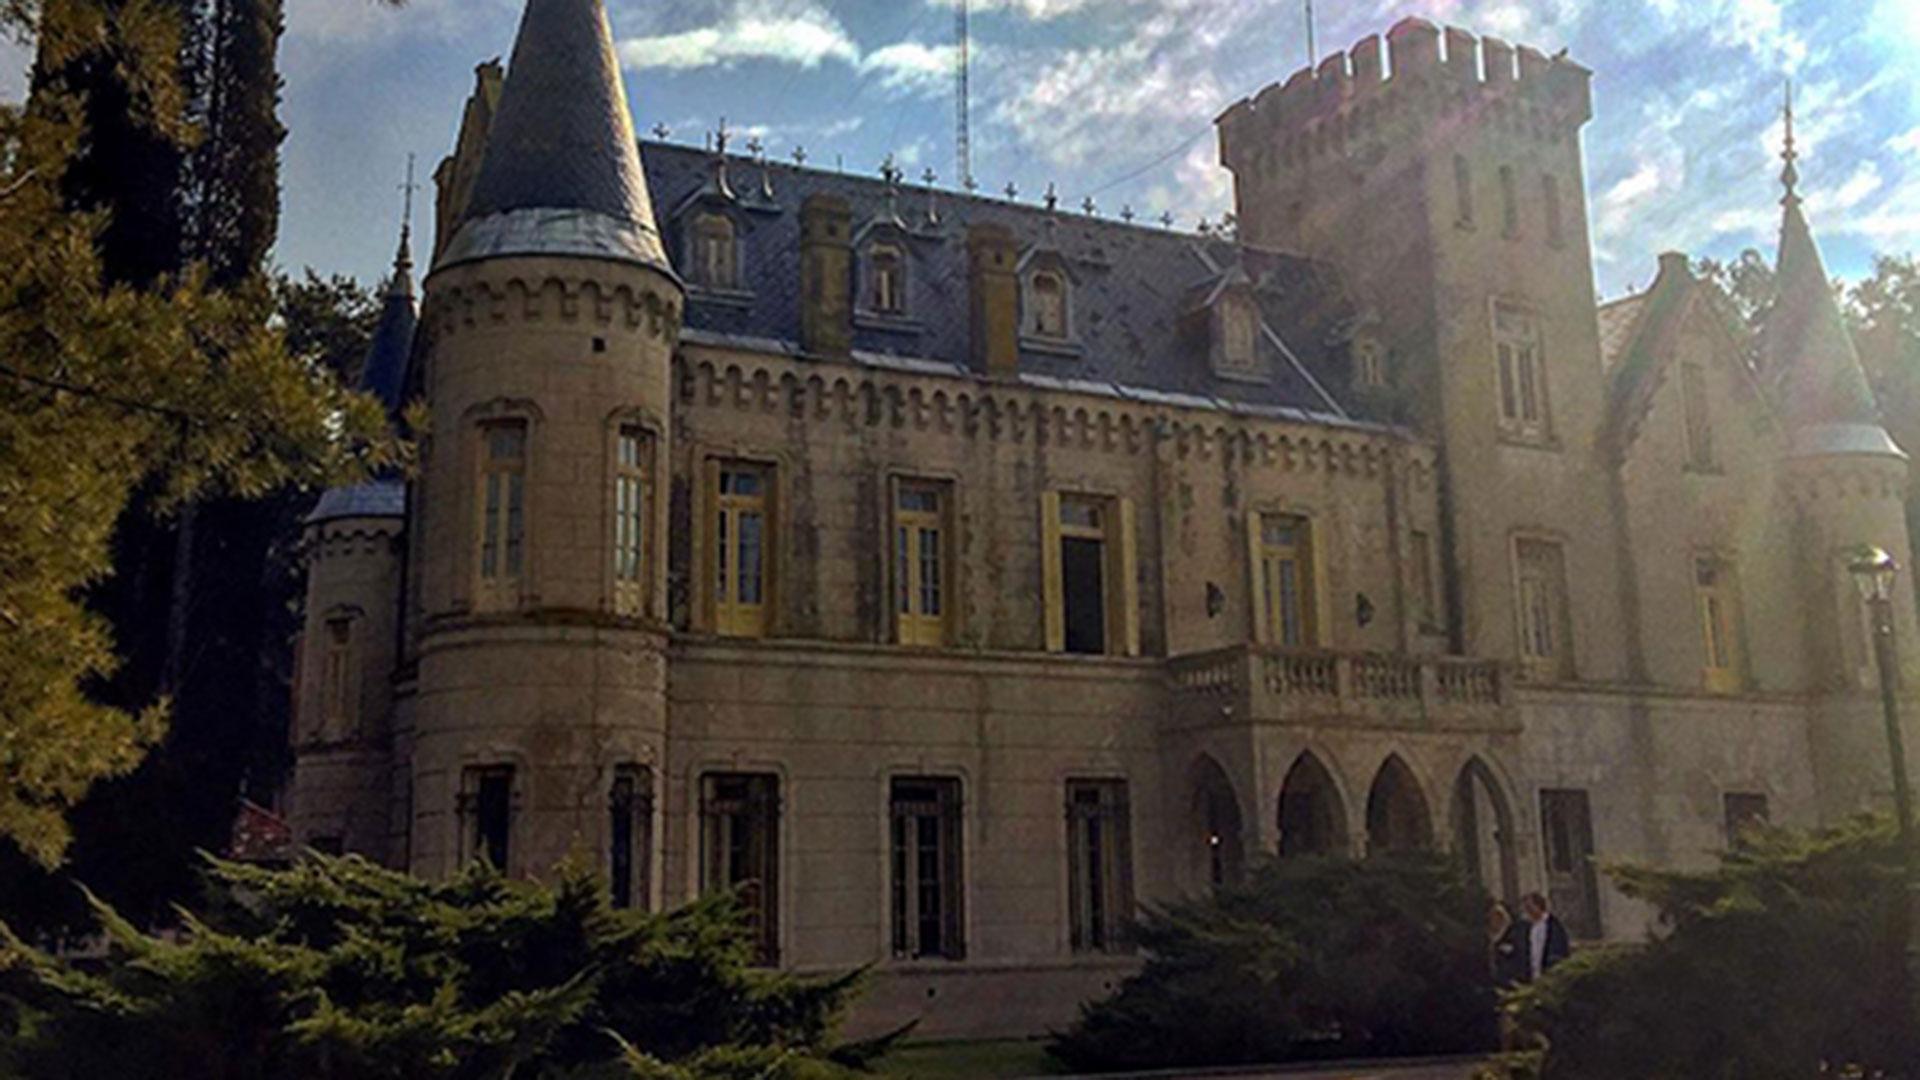 La fachada de estilo ecléctico con ornamentos franceses, italianos y la torre de agua